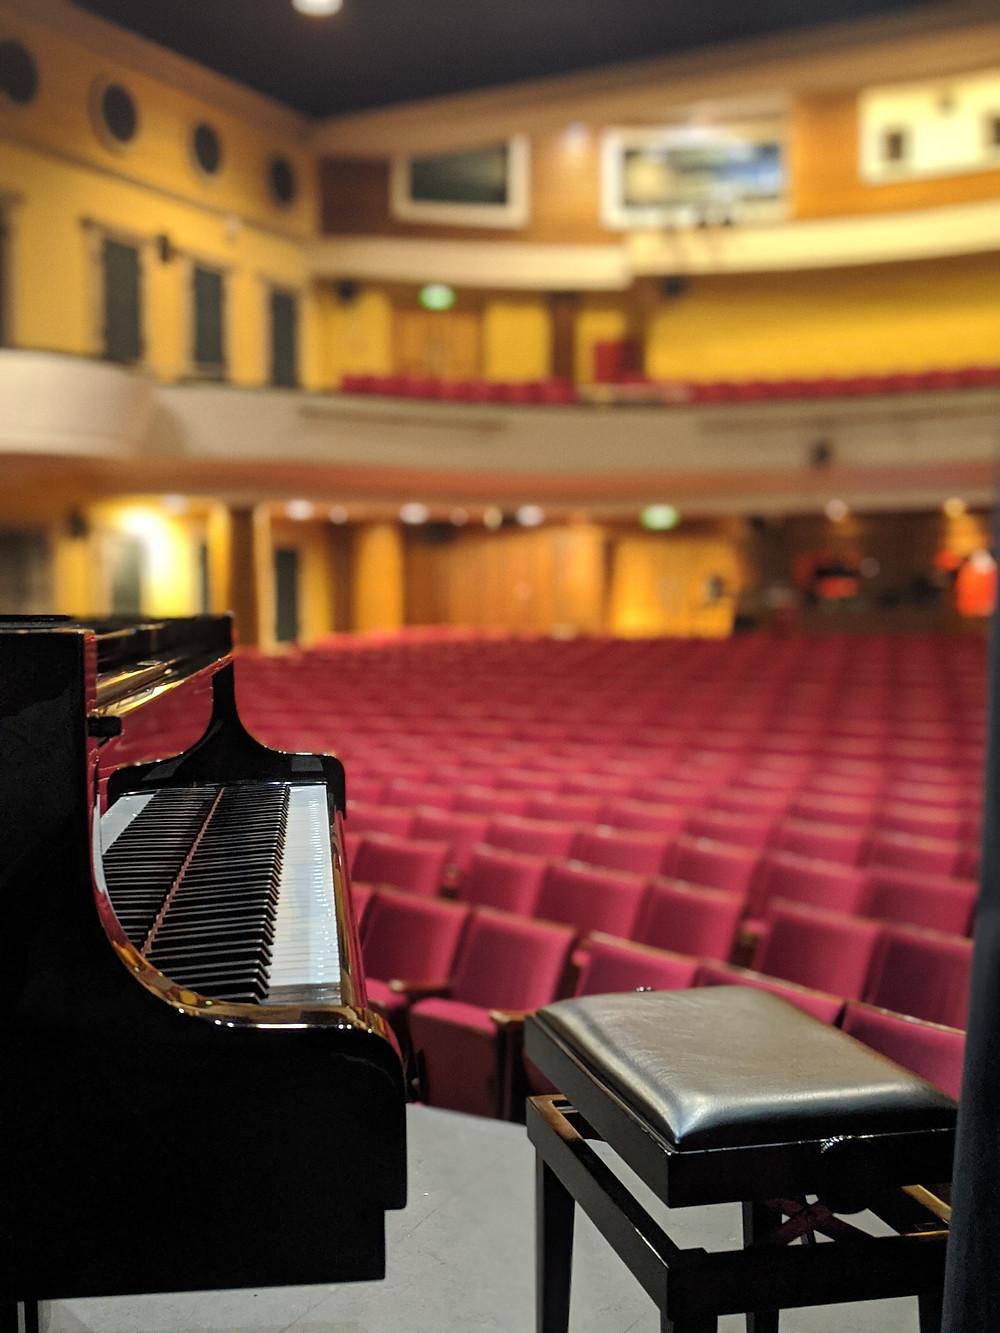 Rialto Theatre, Limassol